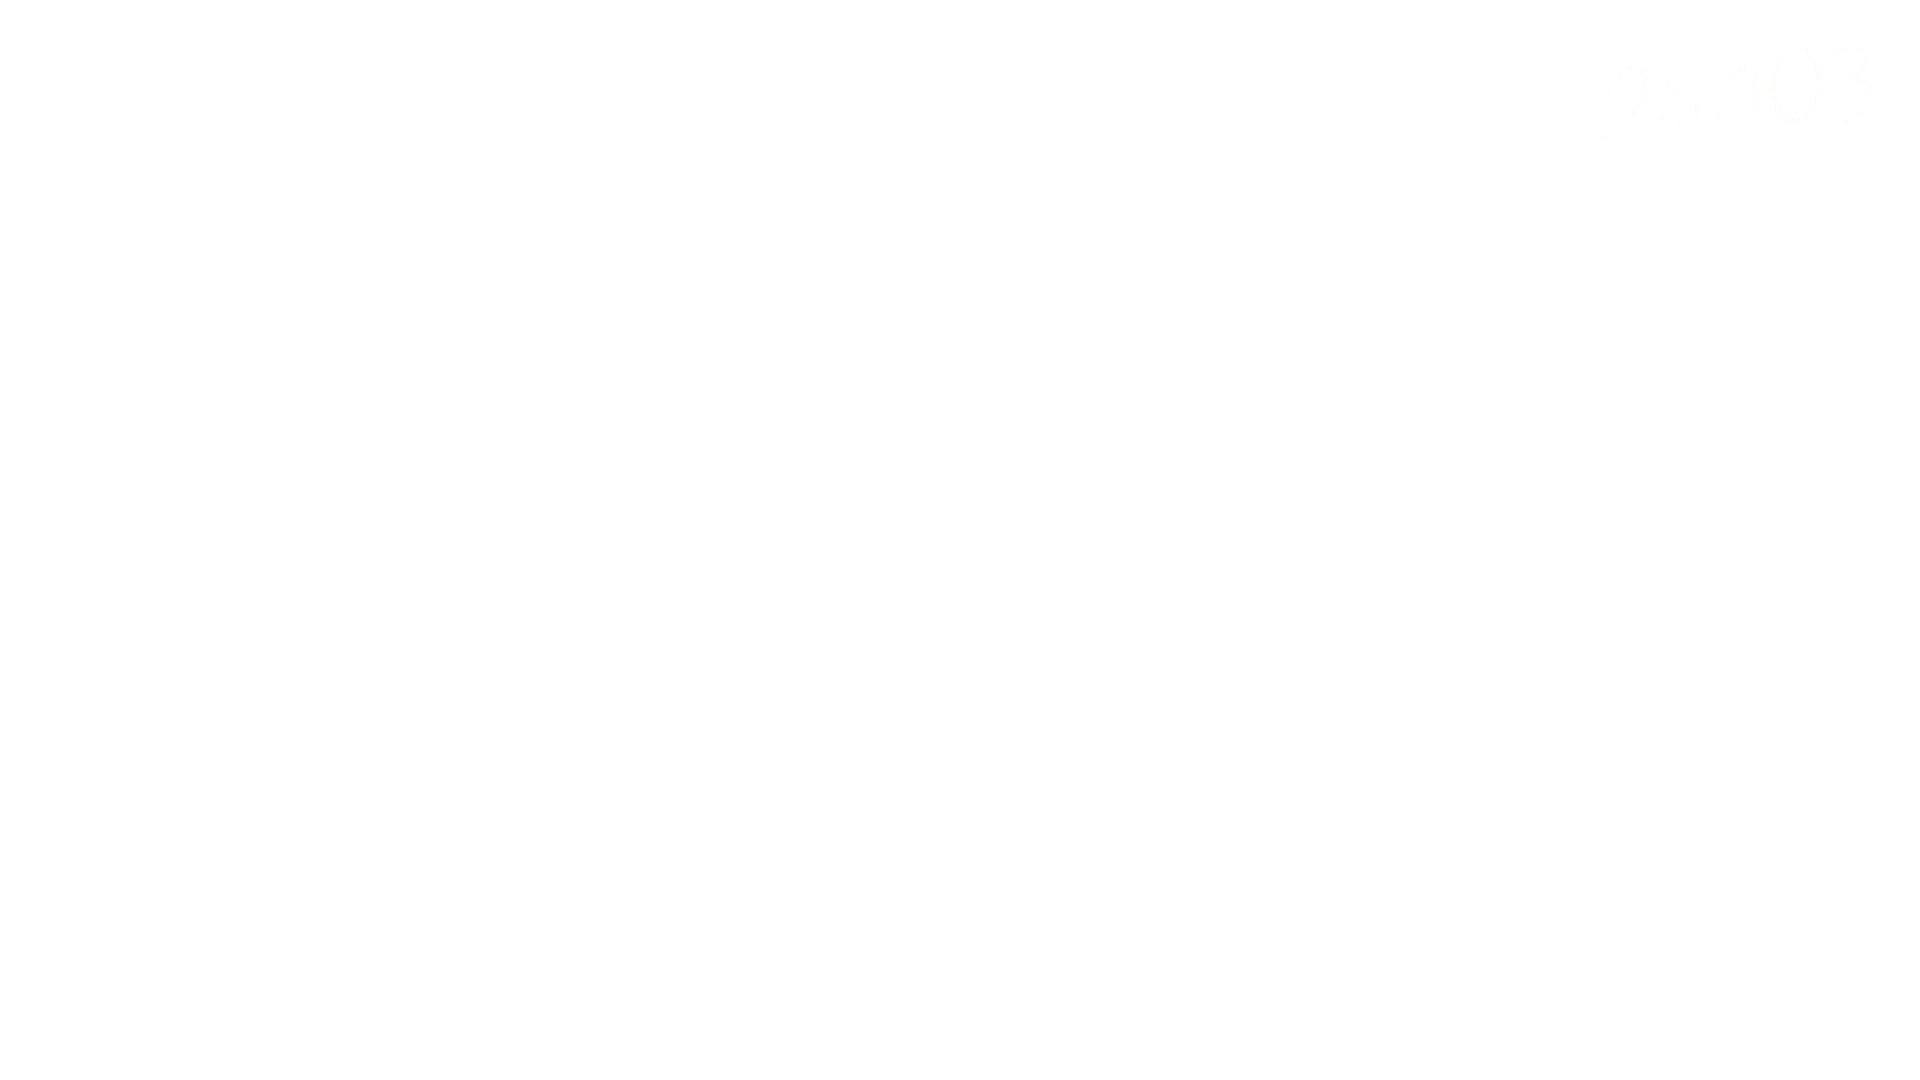 ▲復活限定▲ハイビジョン 盗神伝 Vol.3 期間限定シリーズ 性交動画流出 67画像 4